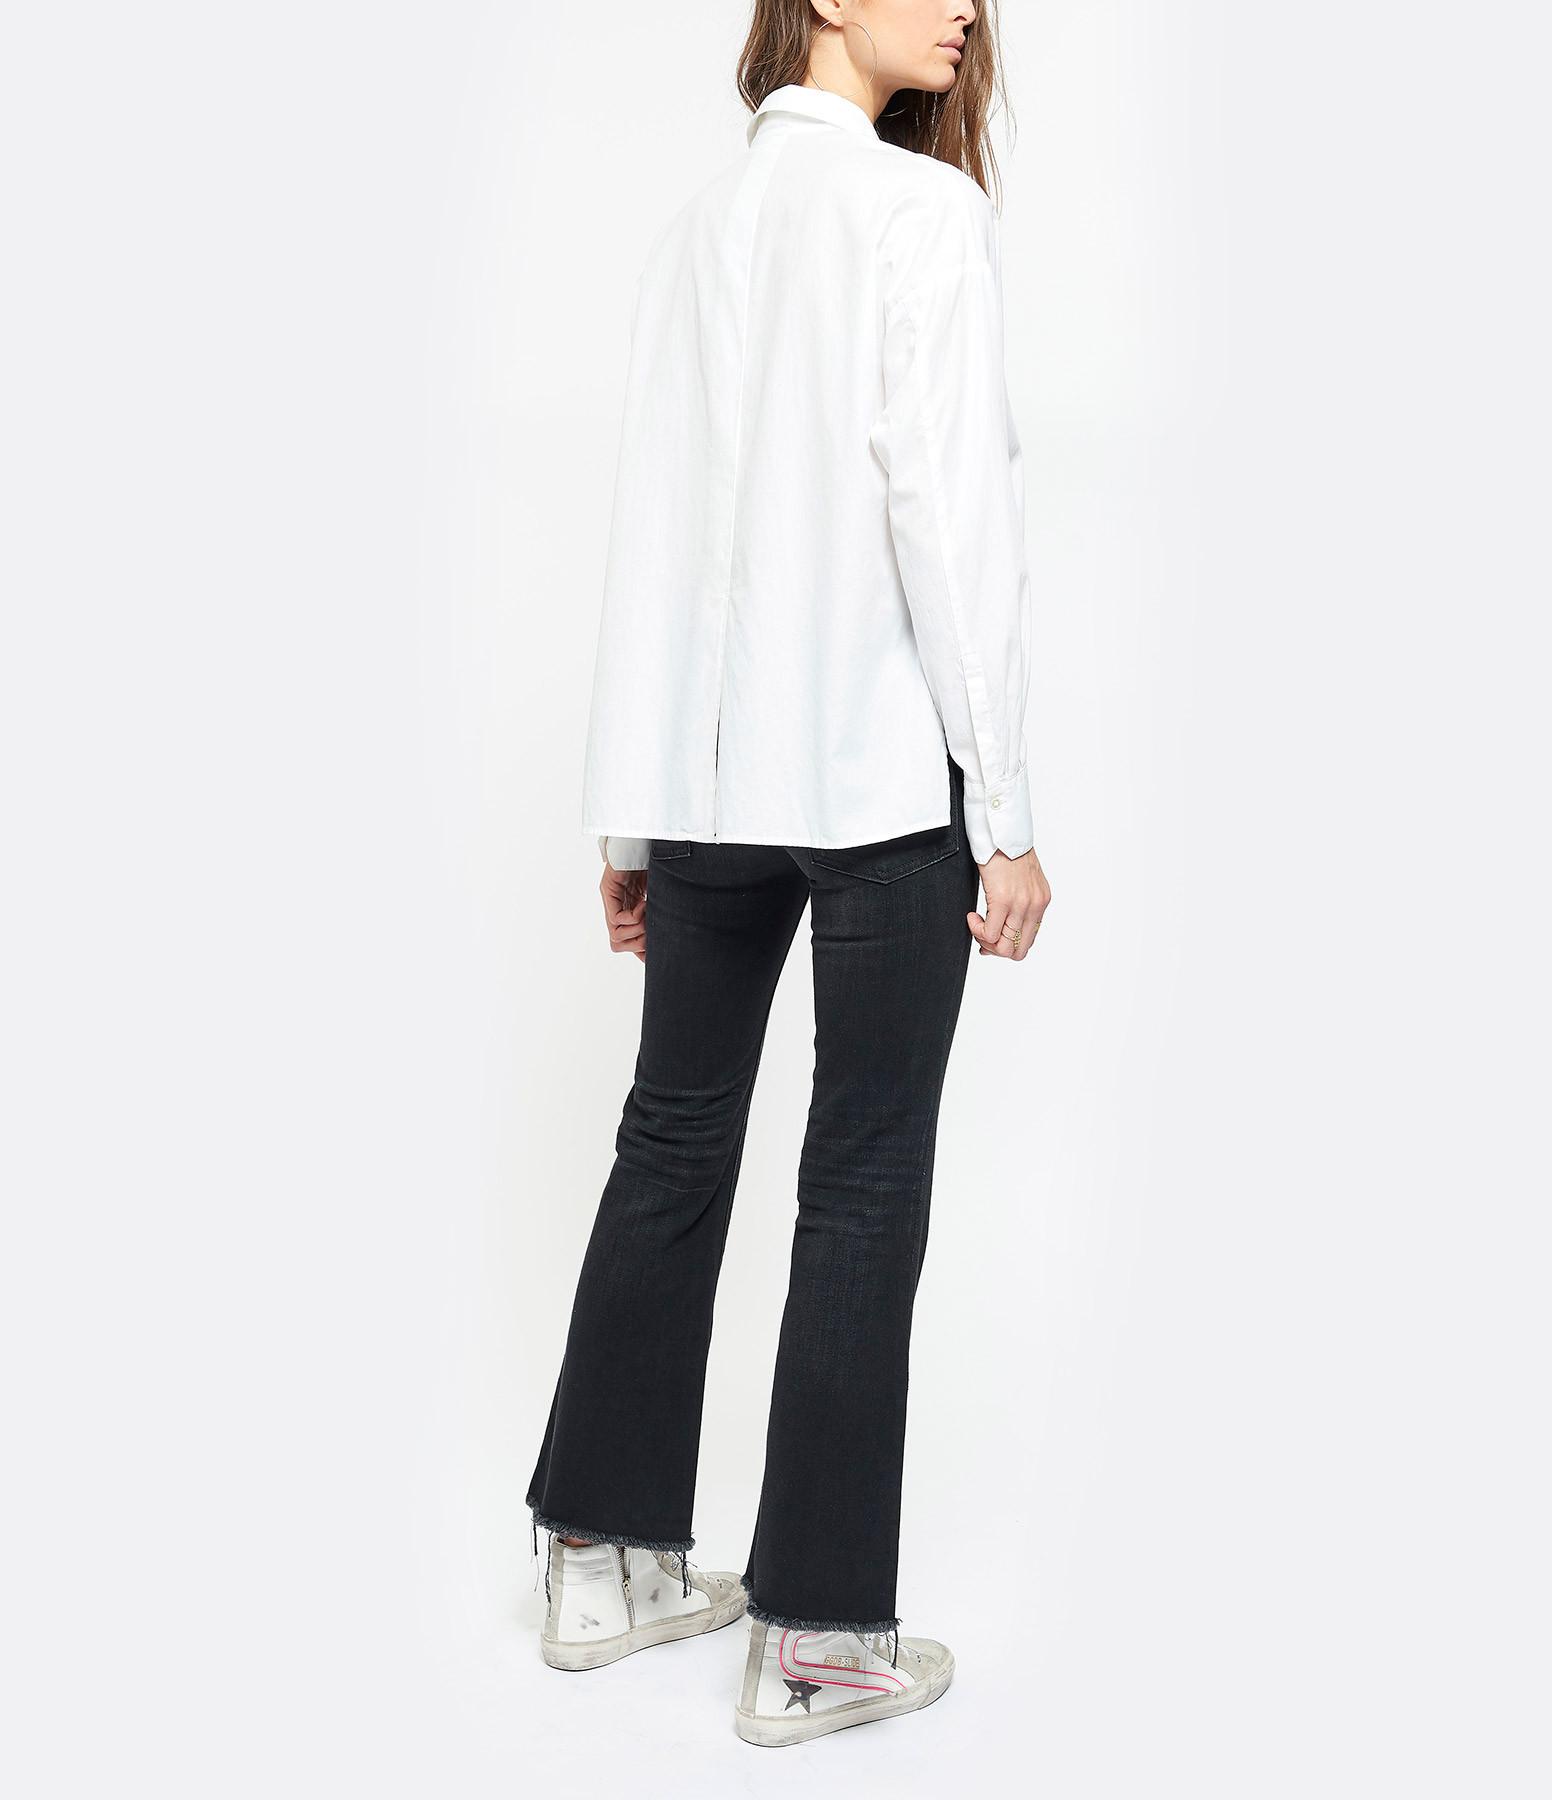 VINCE - Chemise Coton Soie Blanc